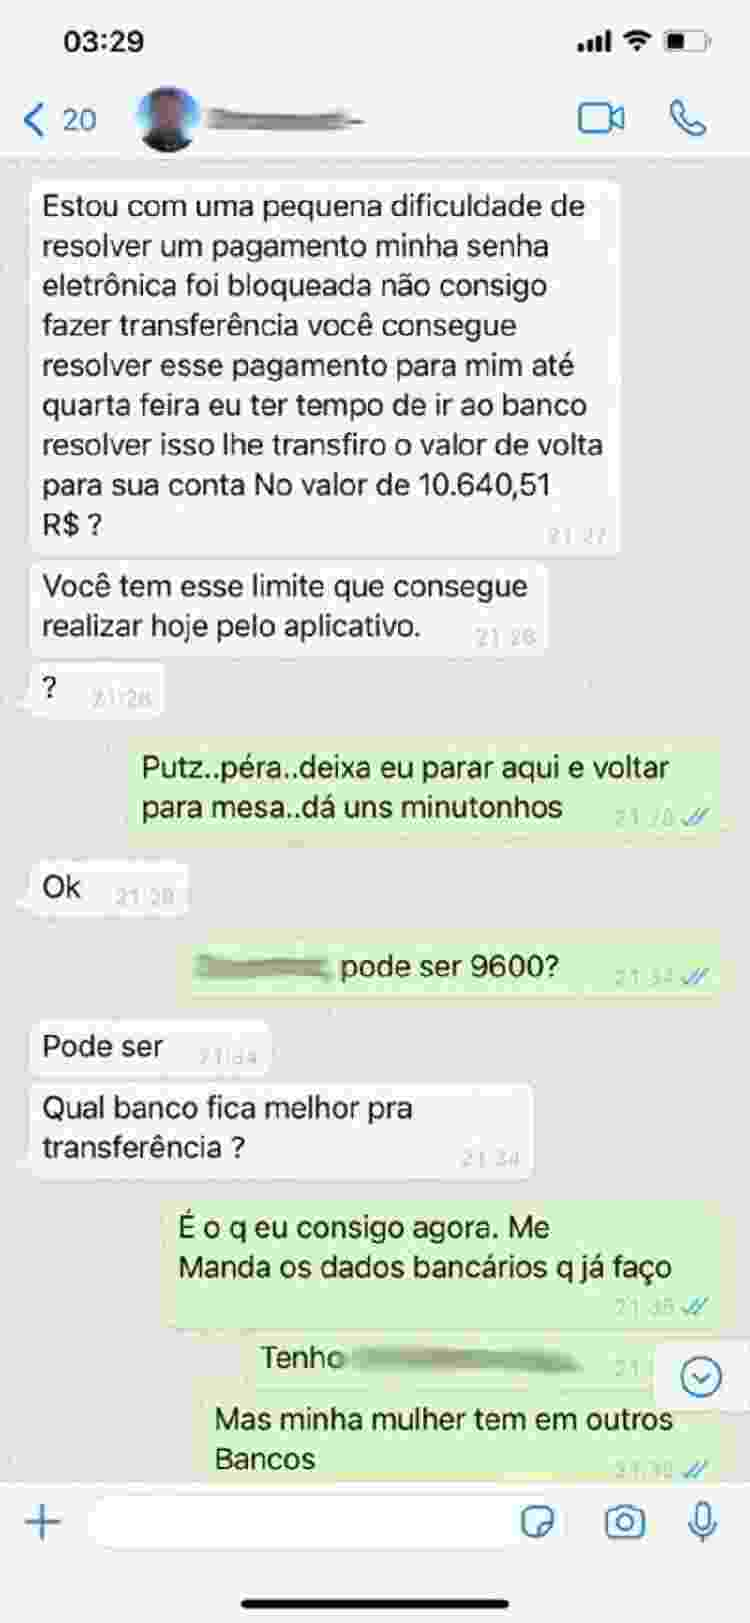 Golpe do WhatsApp (1) - Reprodução/Tudo Golpe - Reprodução/Tudo Golpe